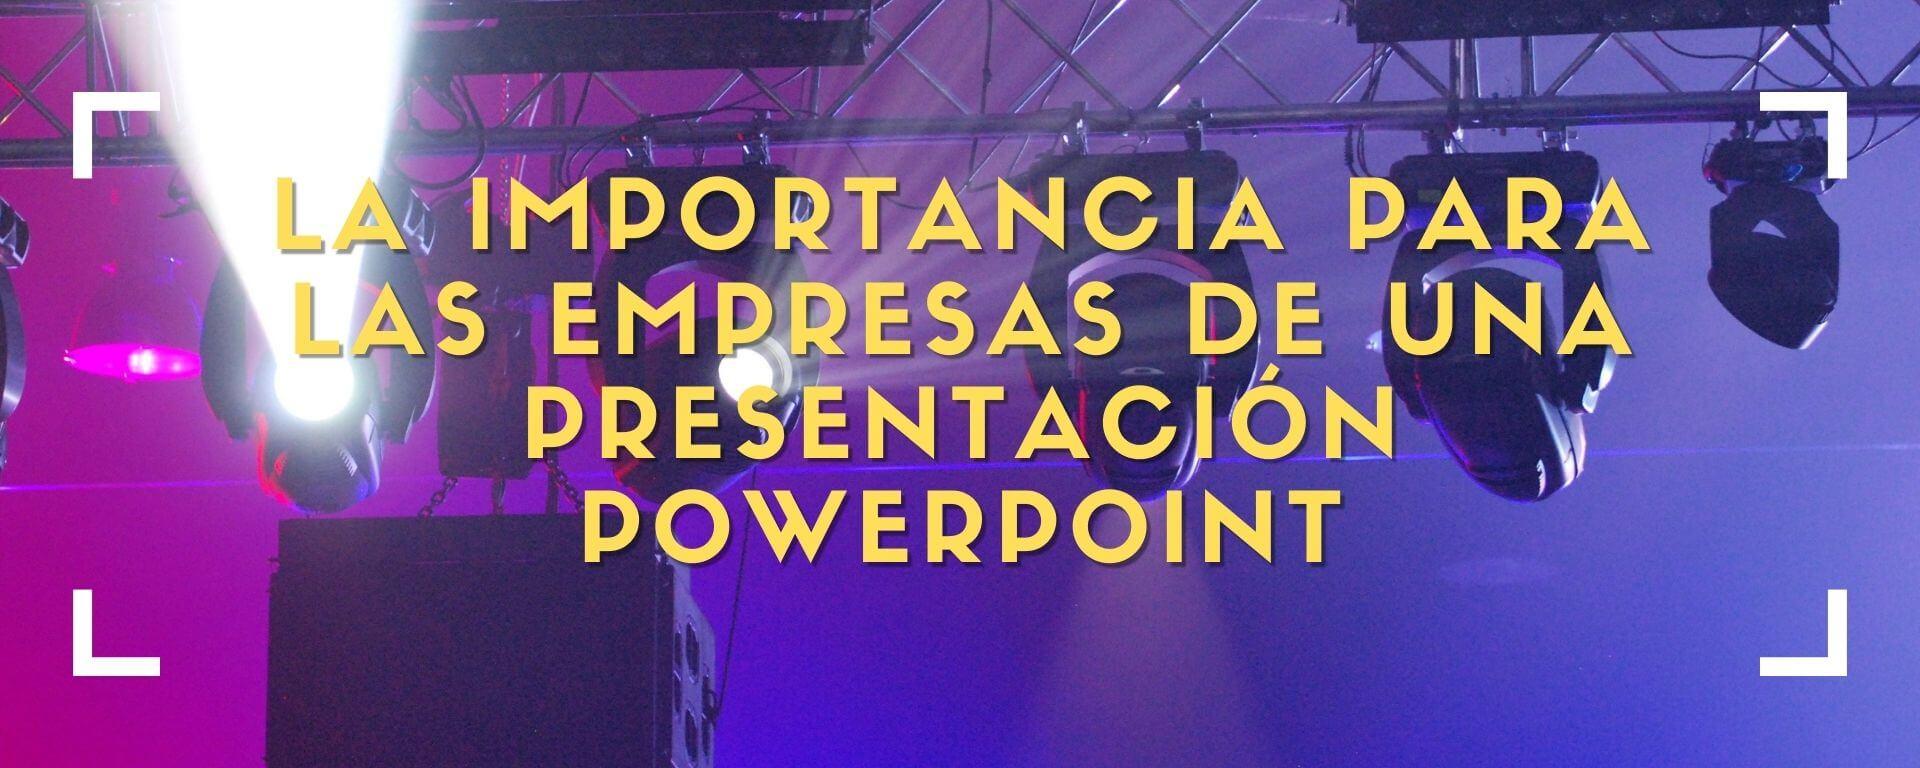 La importancia para las empresas de una presentación PowerPoint